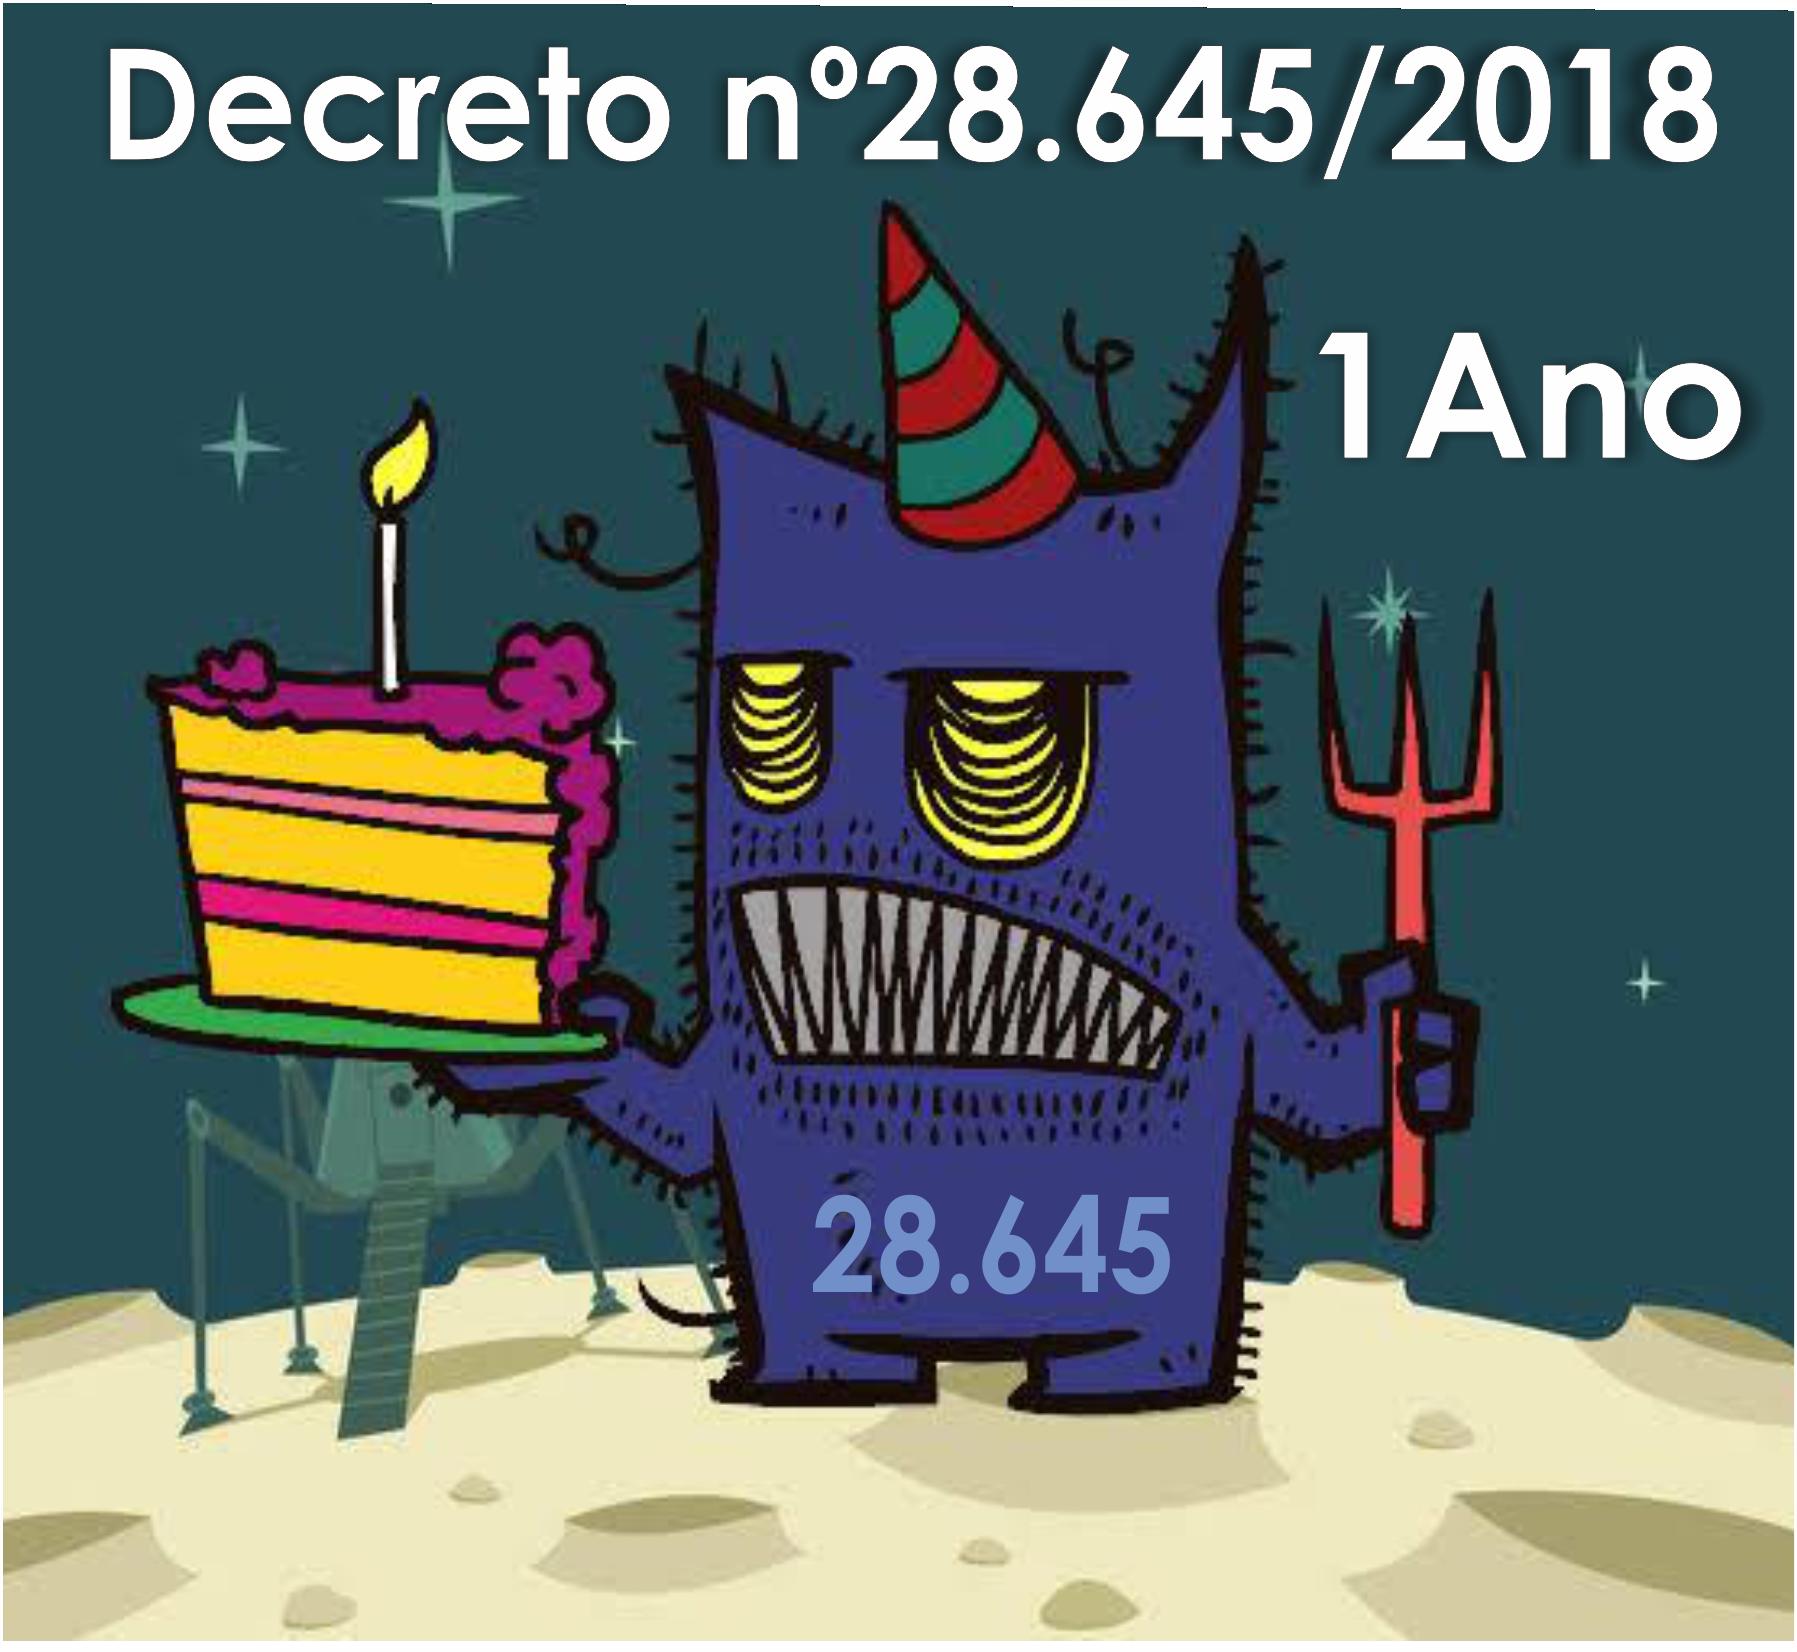 Aniversário do Decreto 28.645/2018